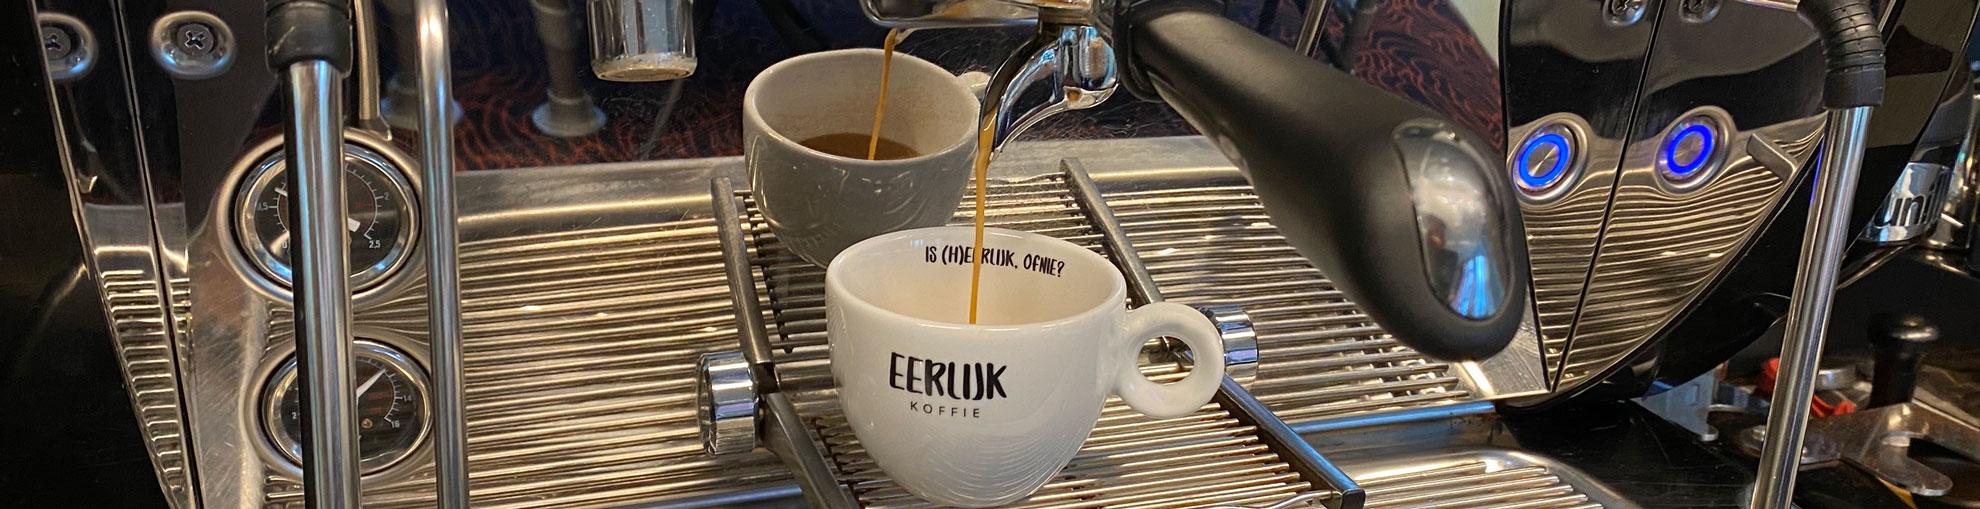 Eerlijk Koffie